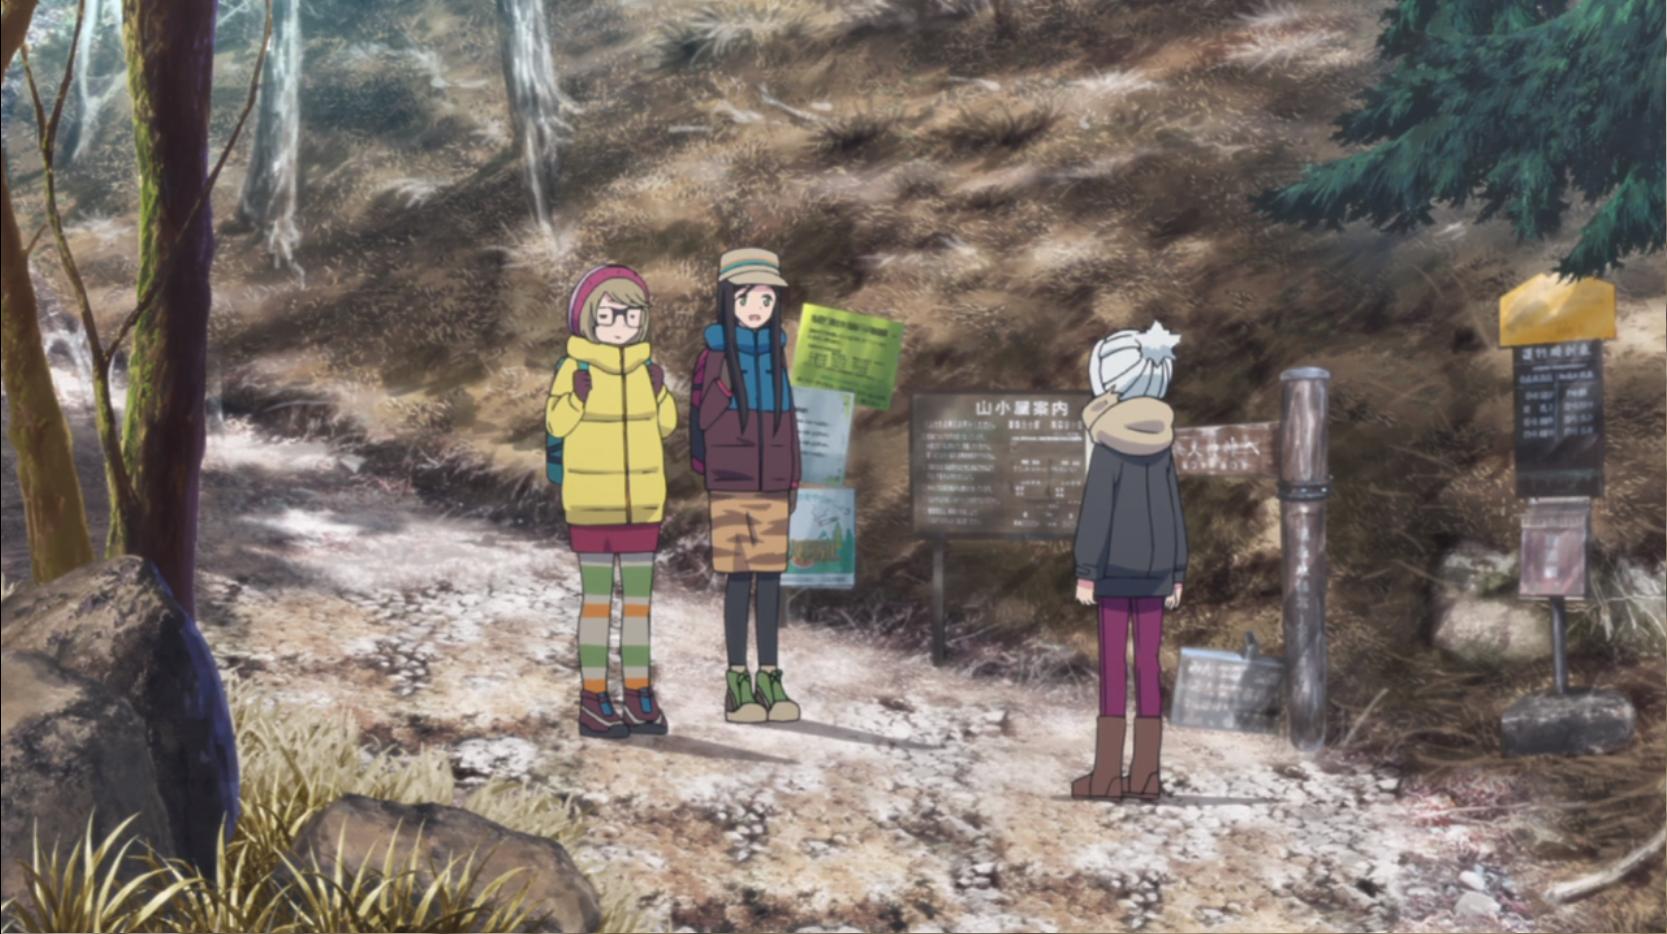 アニメ『ゆるキャン△』9話の夜叉神峠で出会った登山客のお姉さん